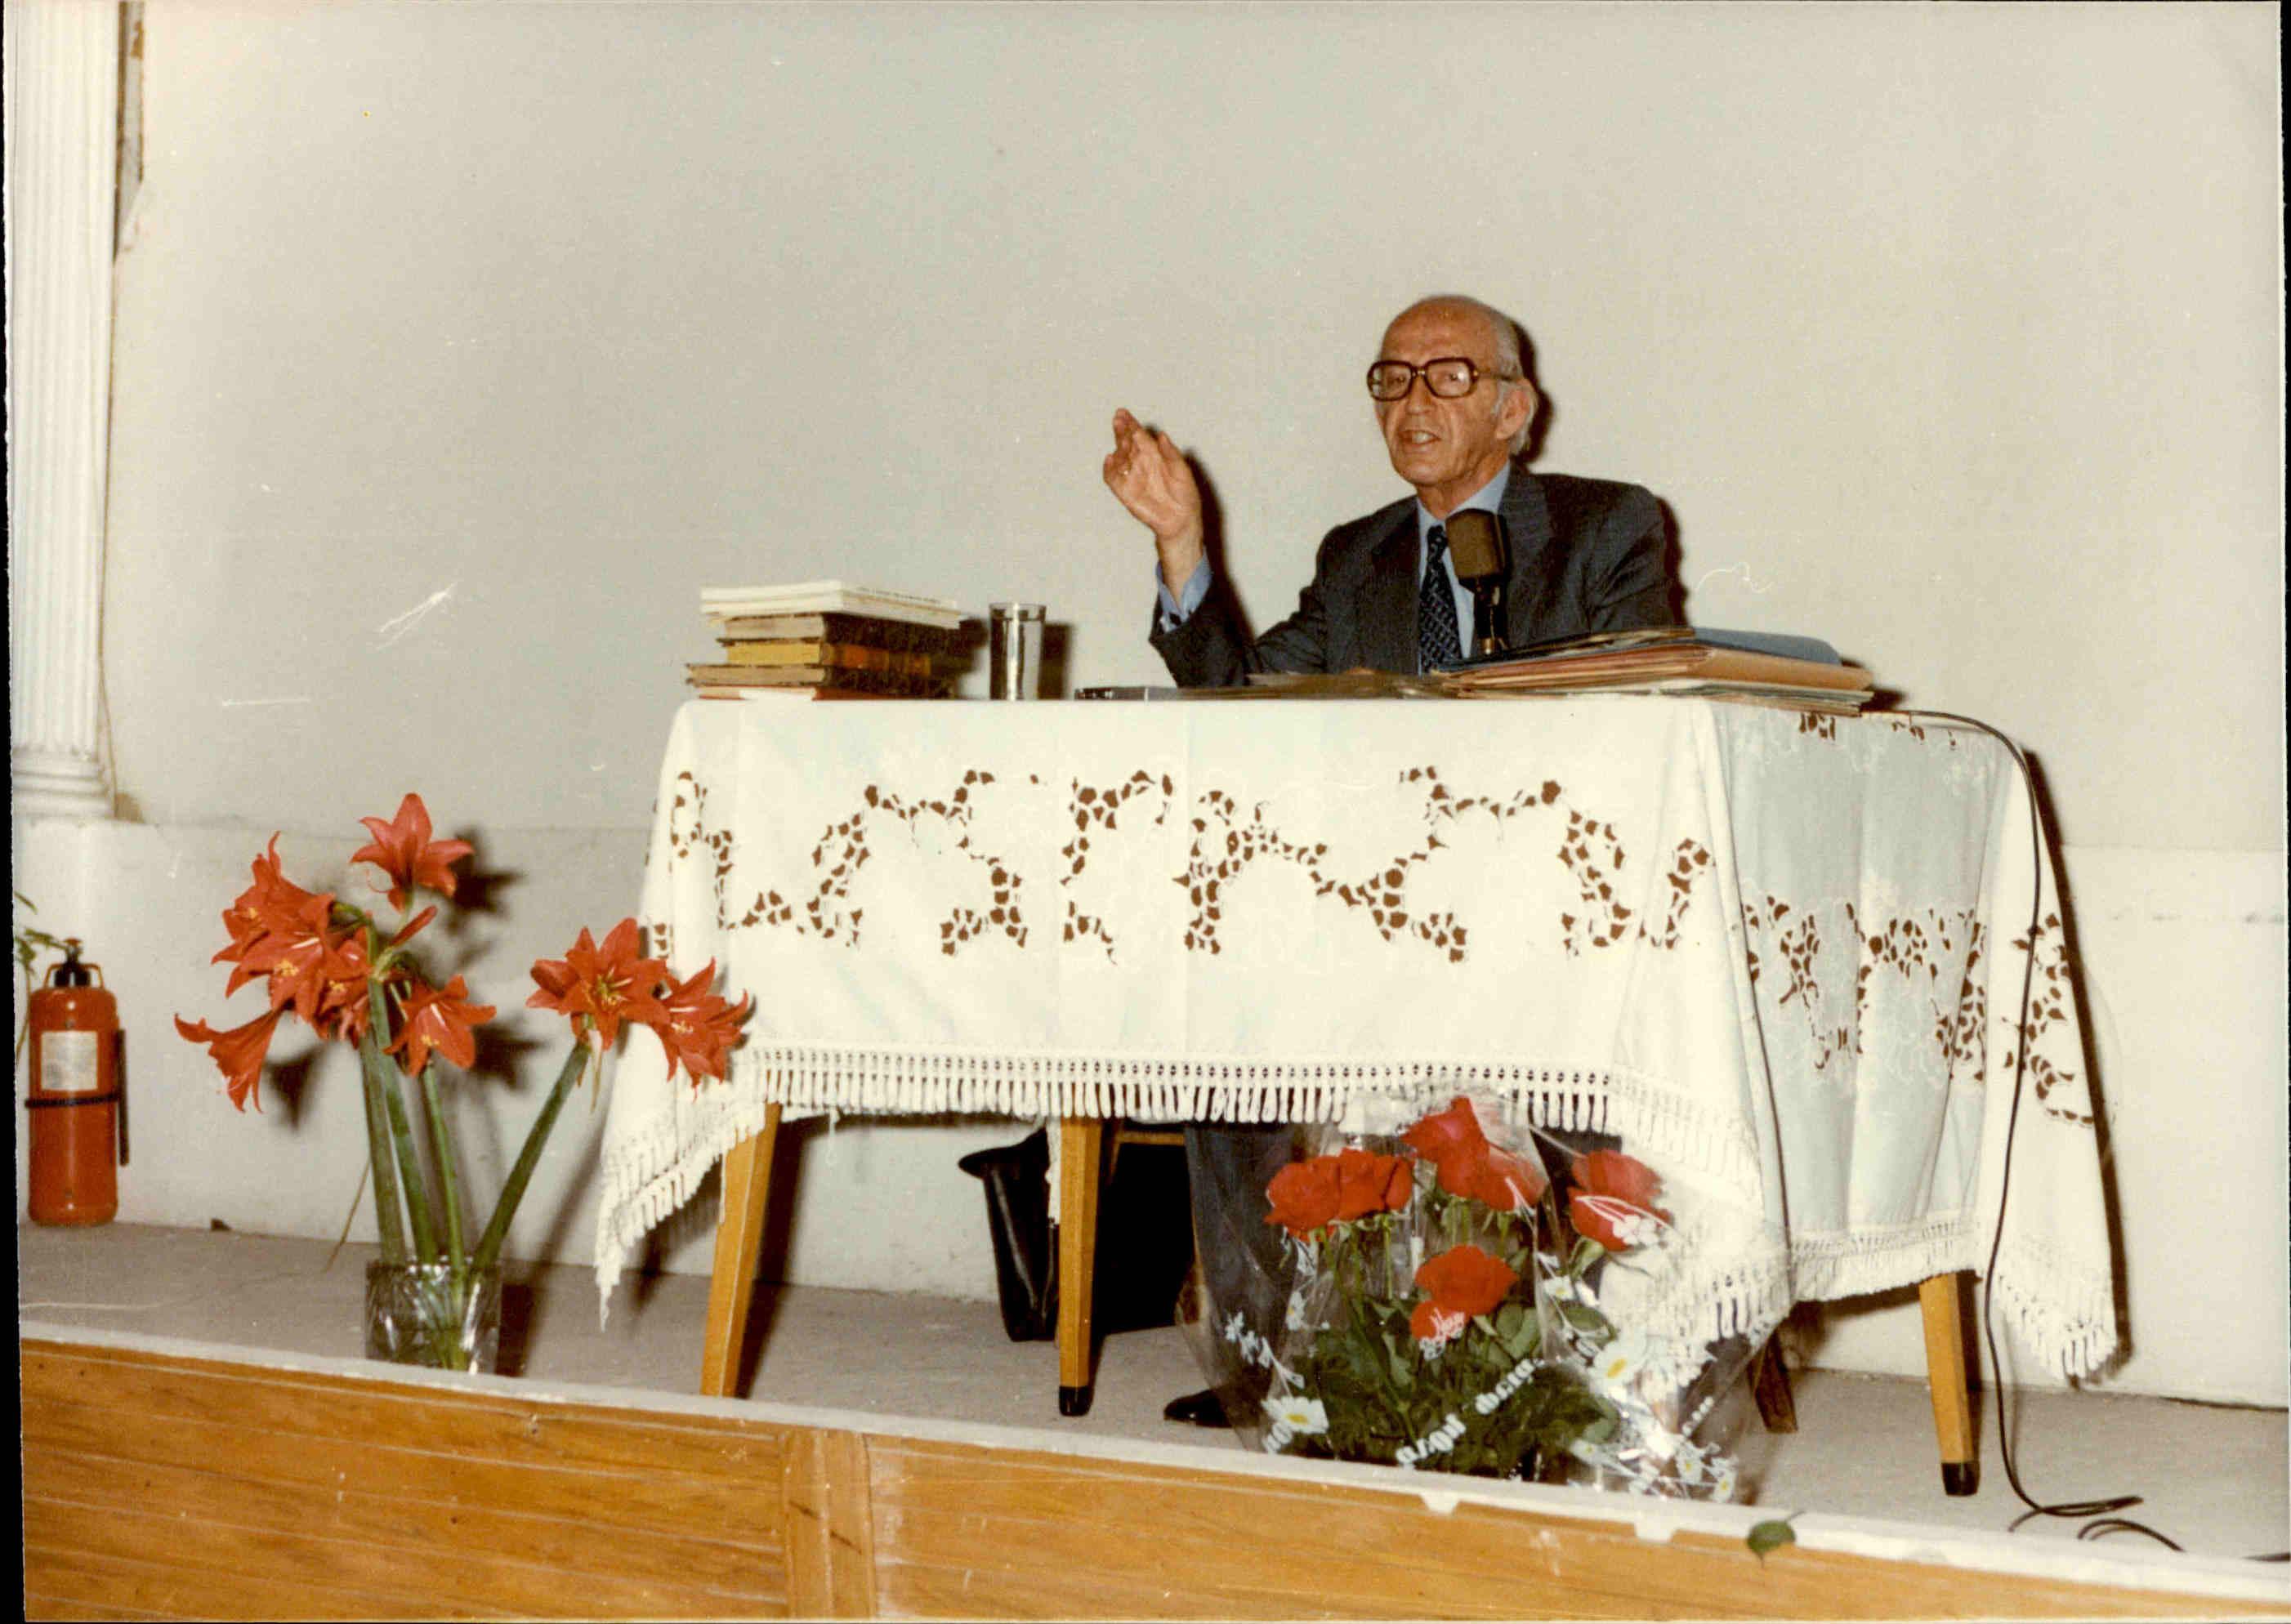 Ομιλία στον Πολύγυρο - Μάιος 1980